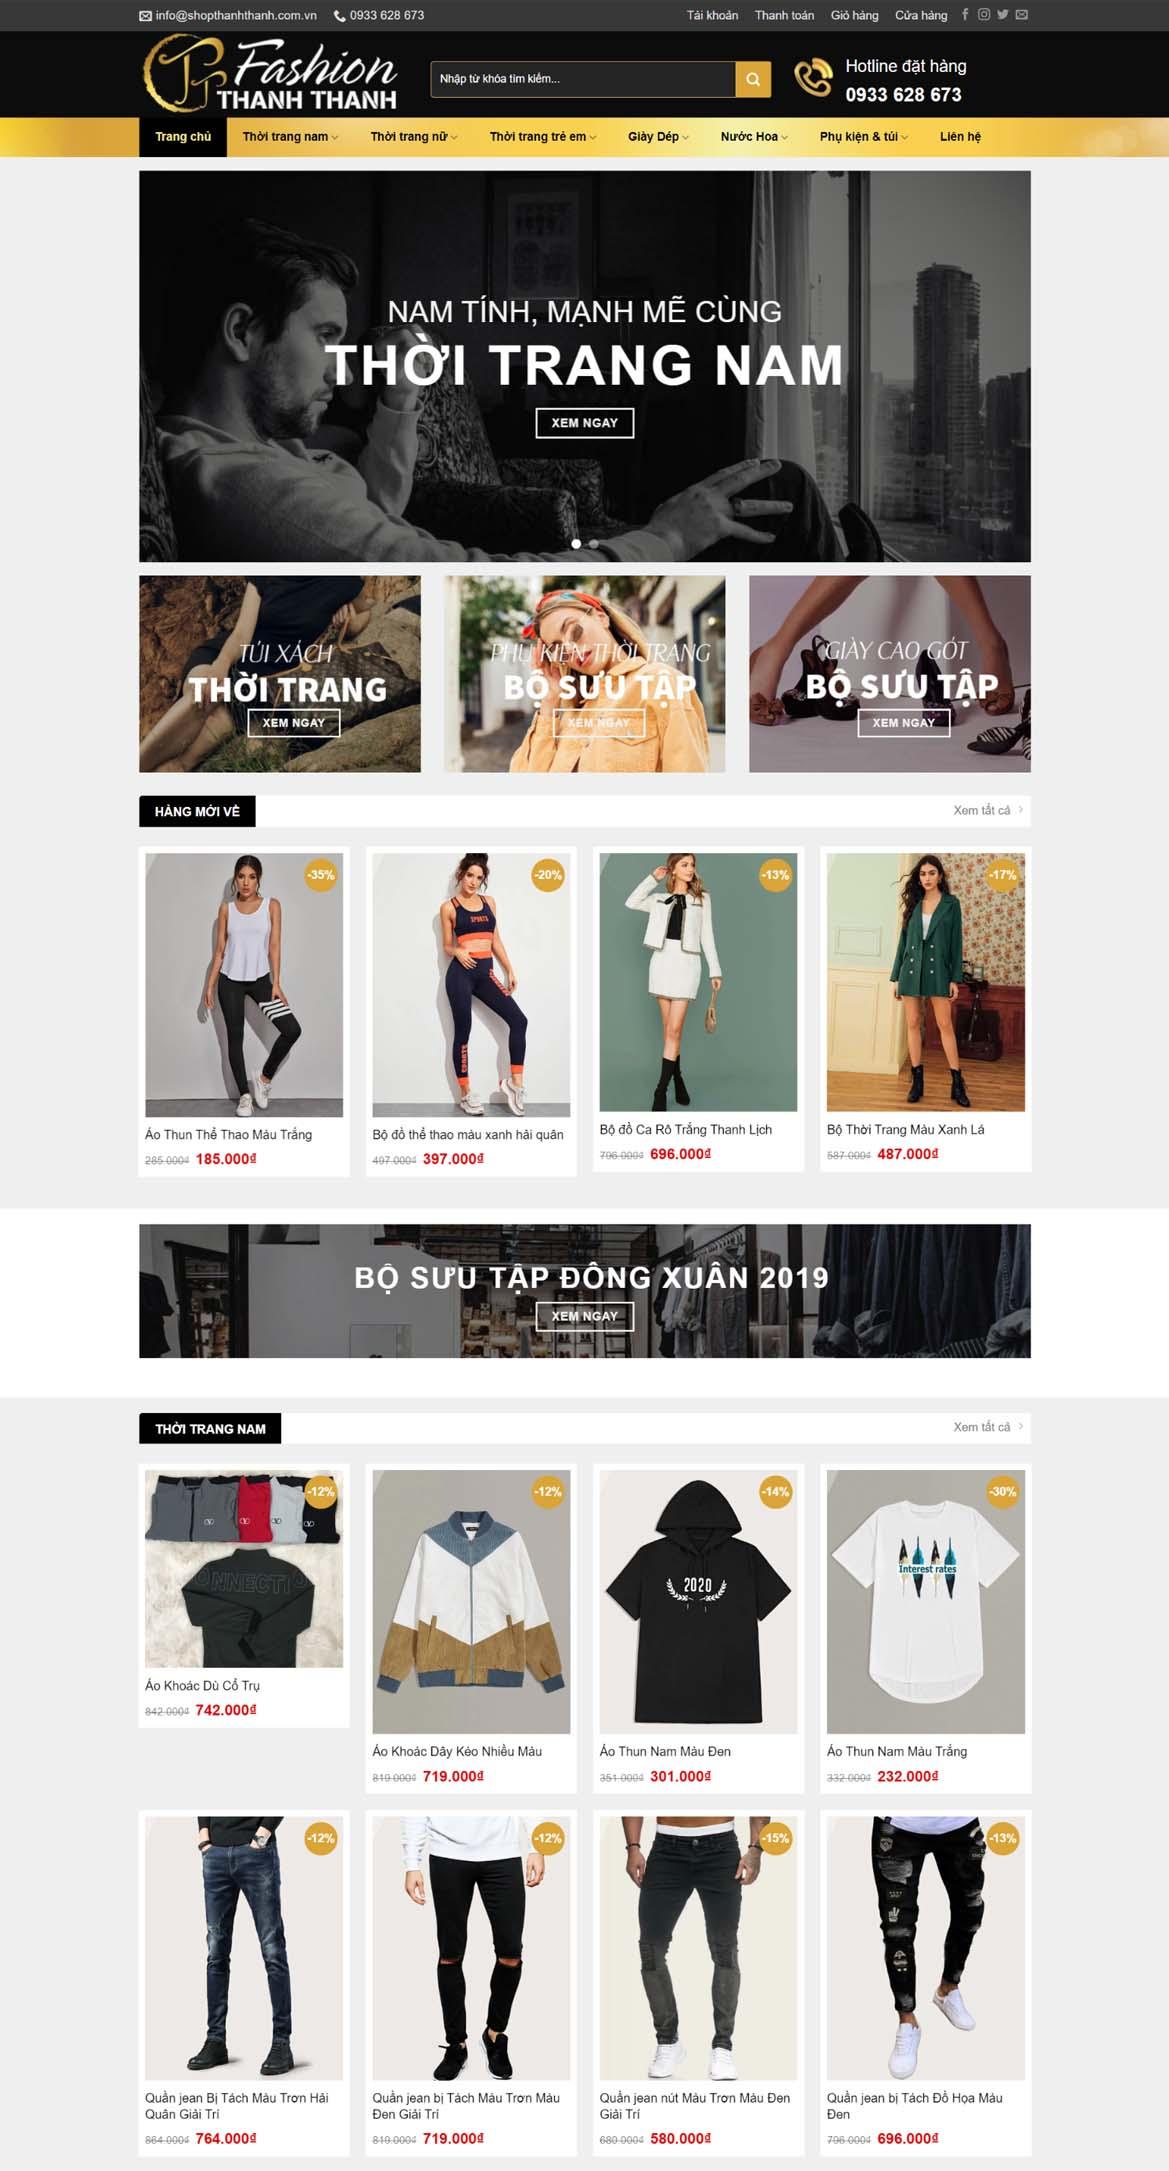 Thiết kế website bán hàng đẹp mắt, thân thiện với người dùng